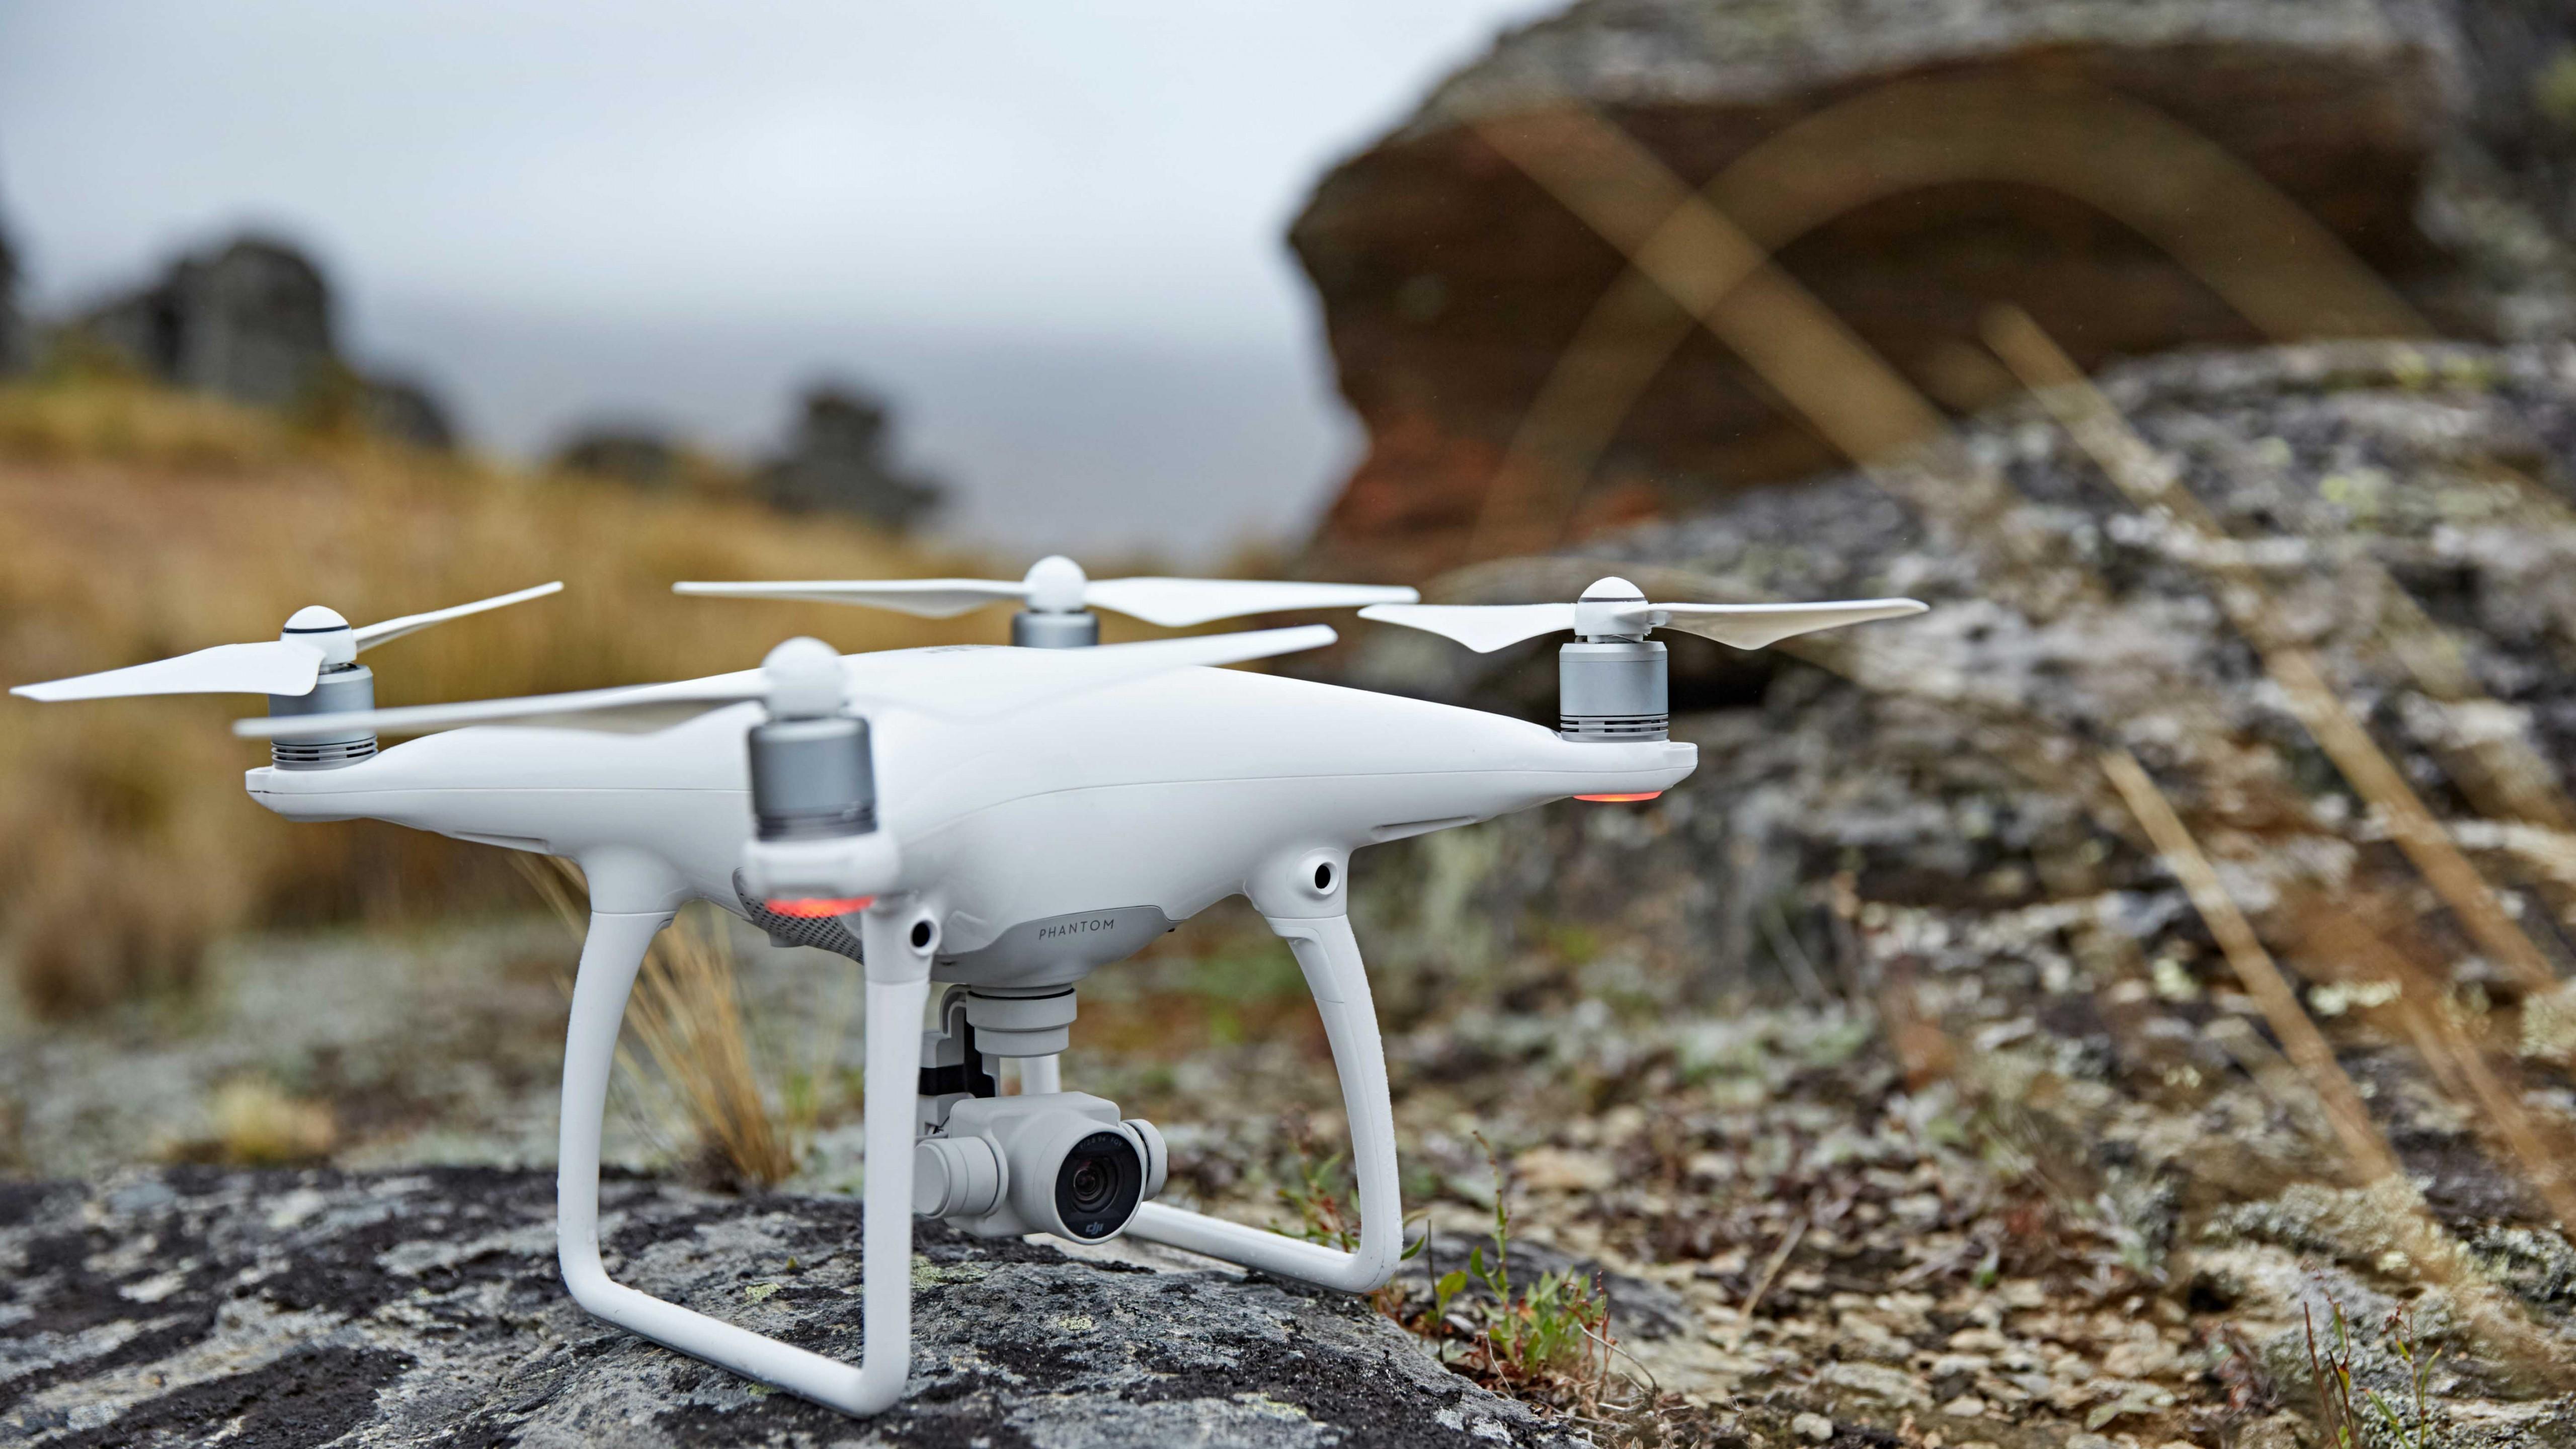 wallpaper dji phantom 4, drone, quadcopter, phantom, review, test